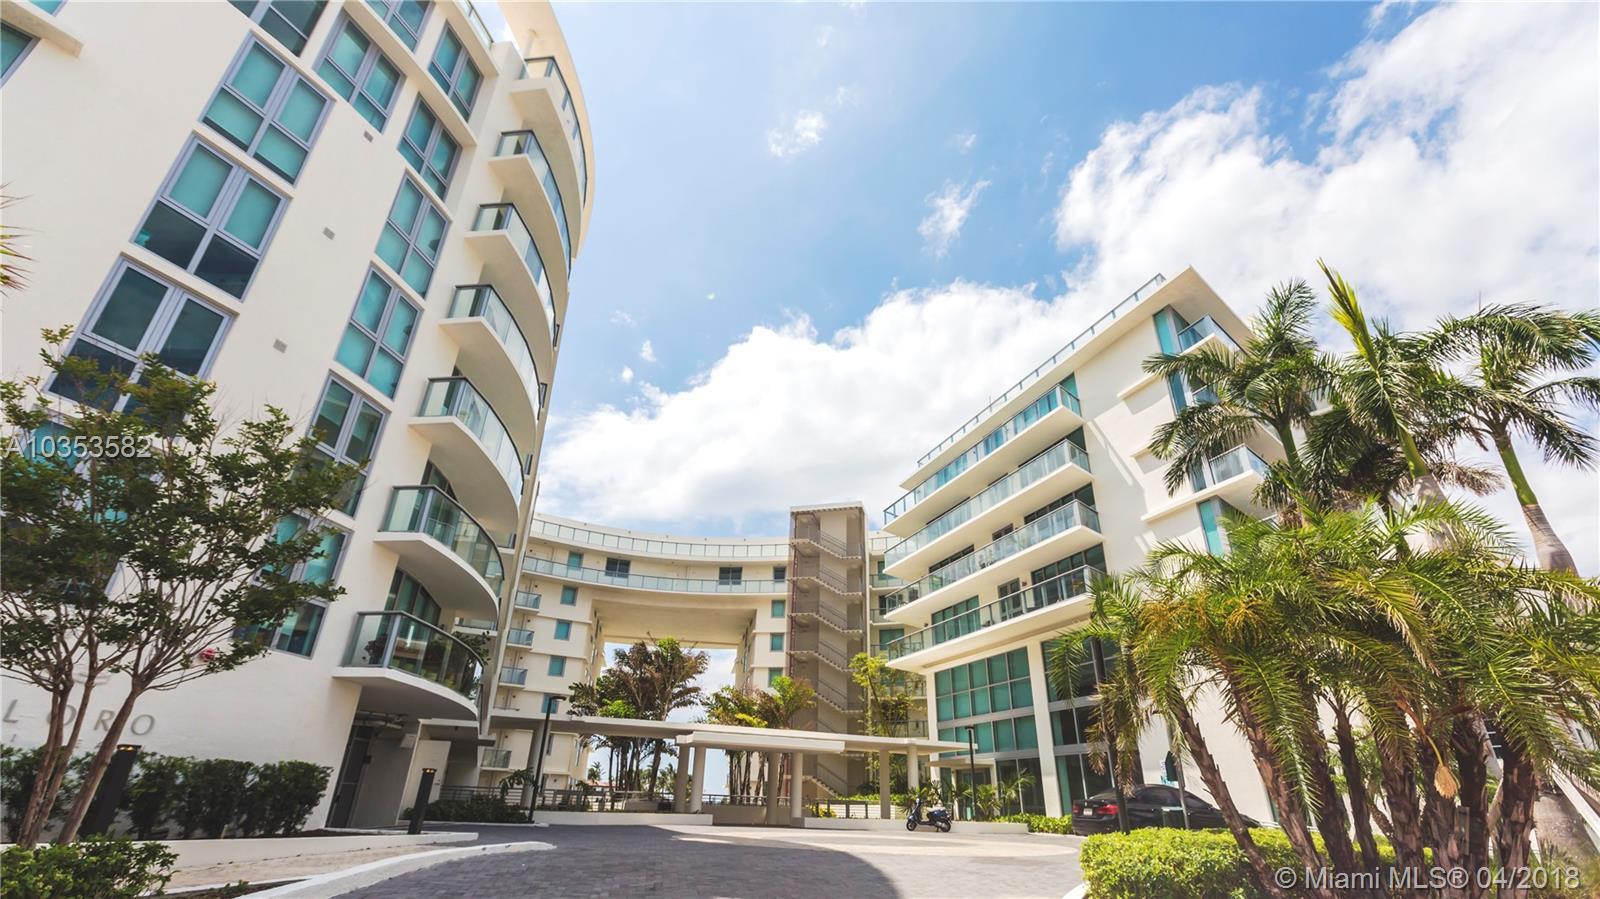 6620 INDIAN CREEK DR # 316, Miami Beach , FL 33141